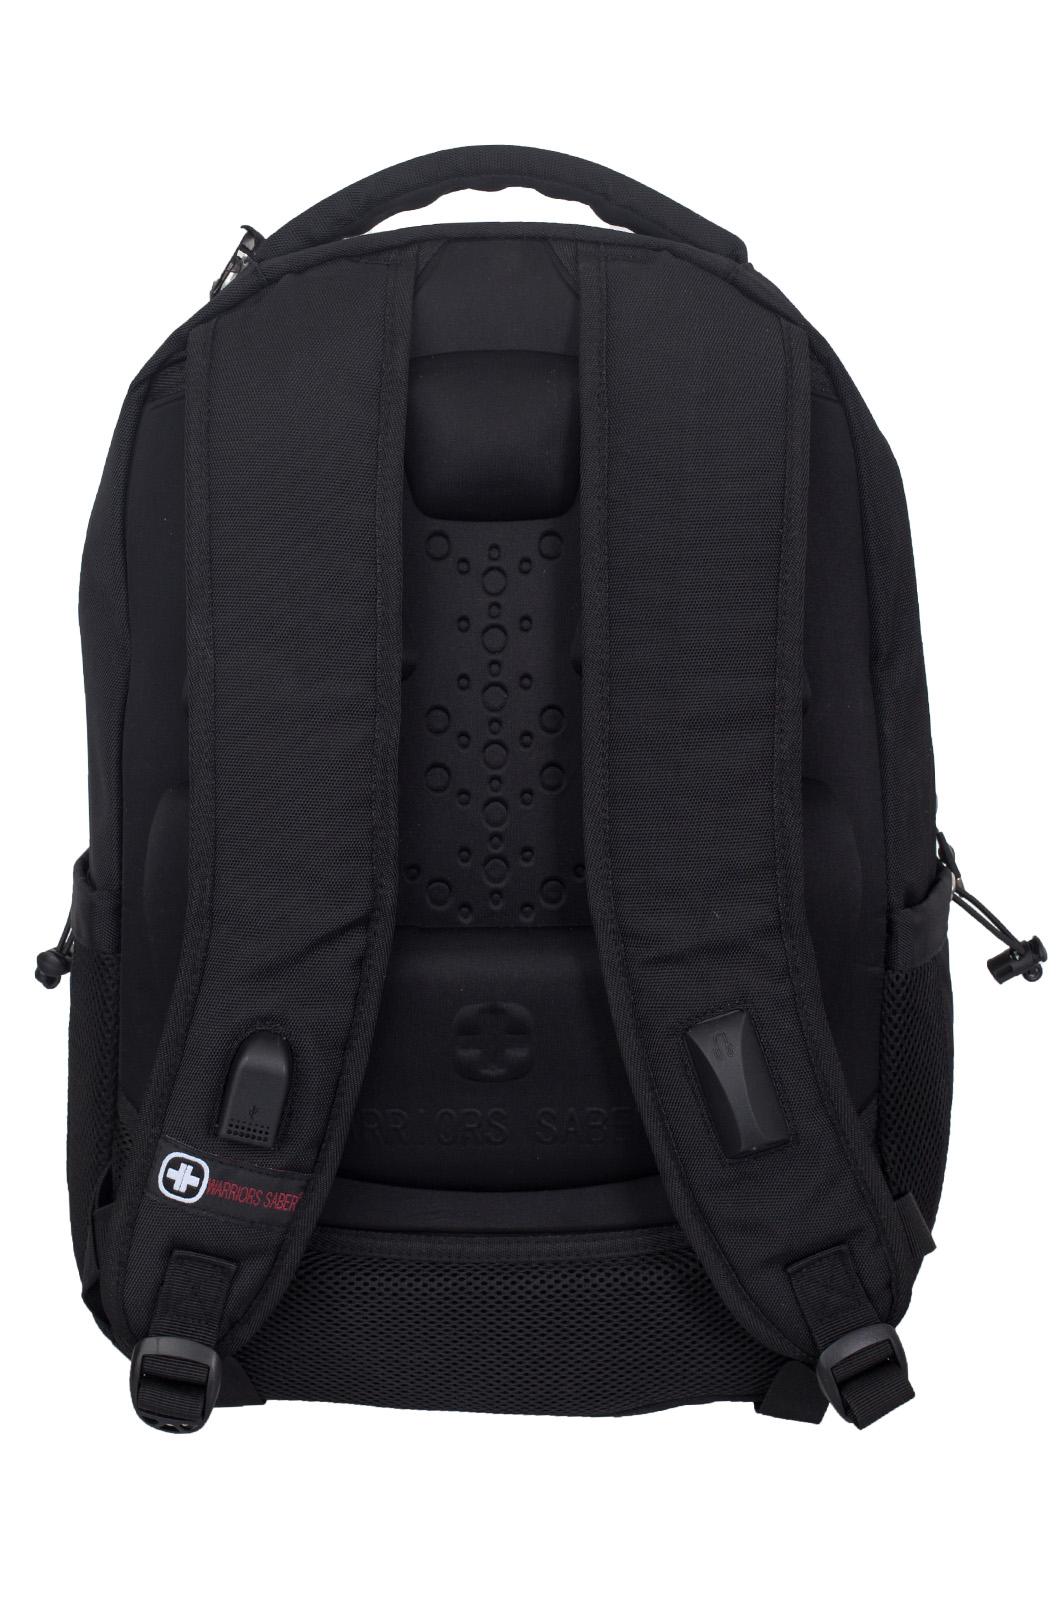 Купить удобный черный рюкзак с военной нашивкой Погранслужбы в подарок